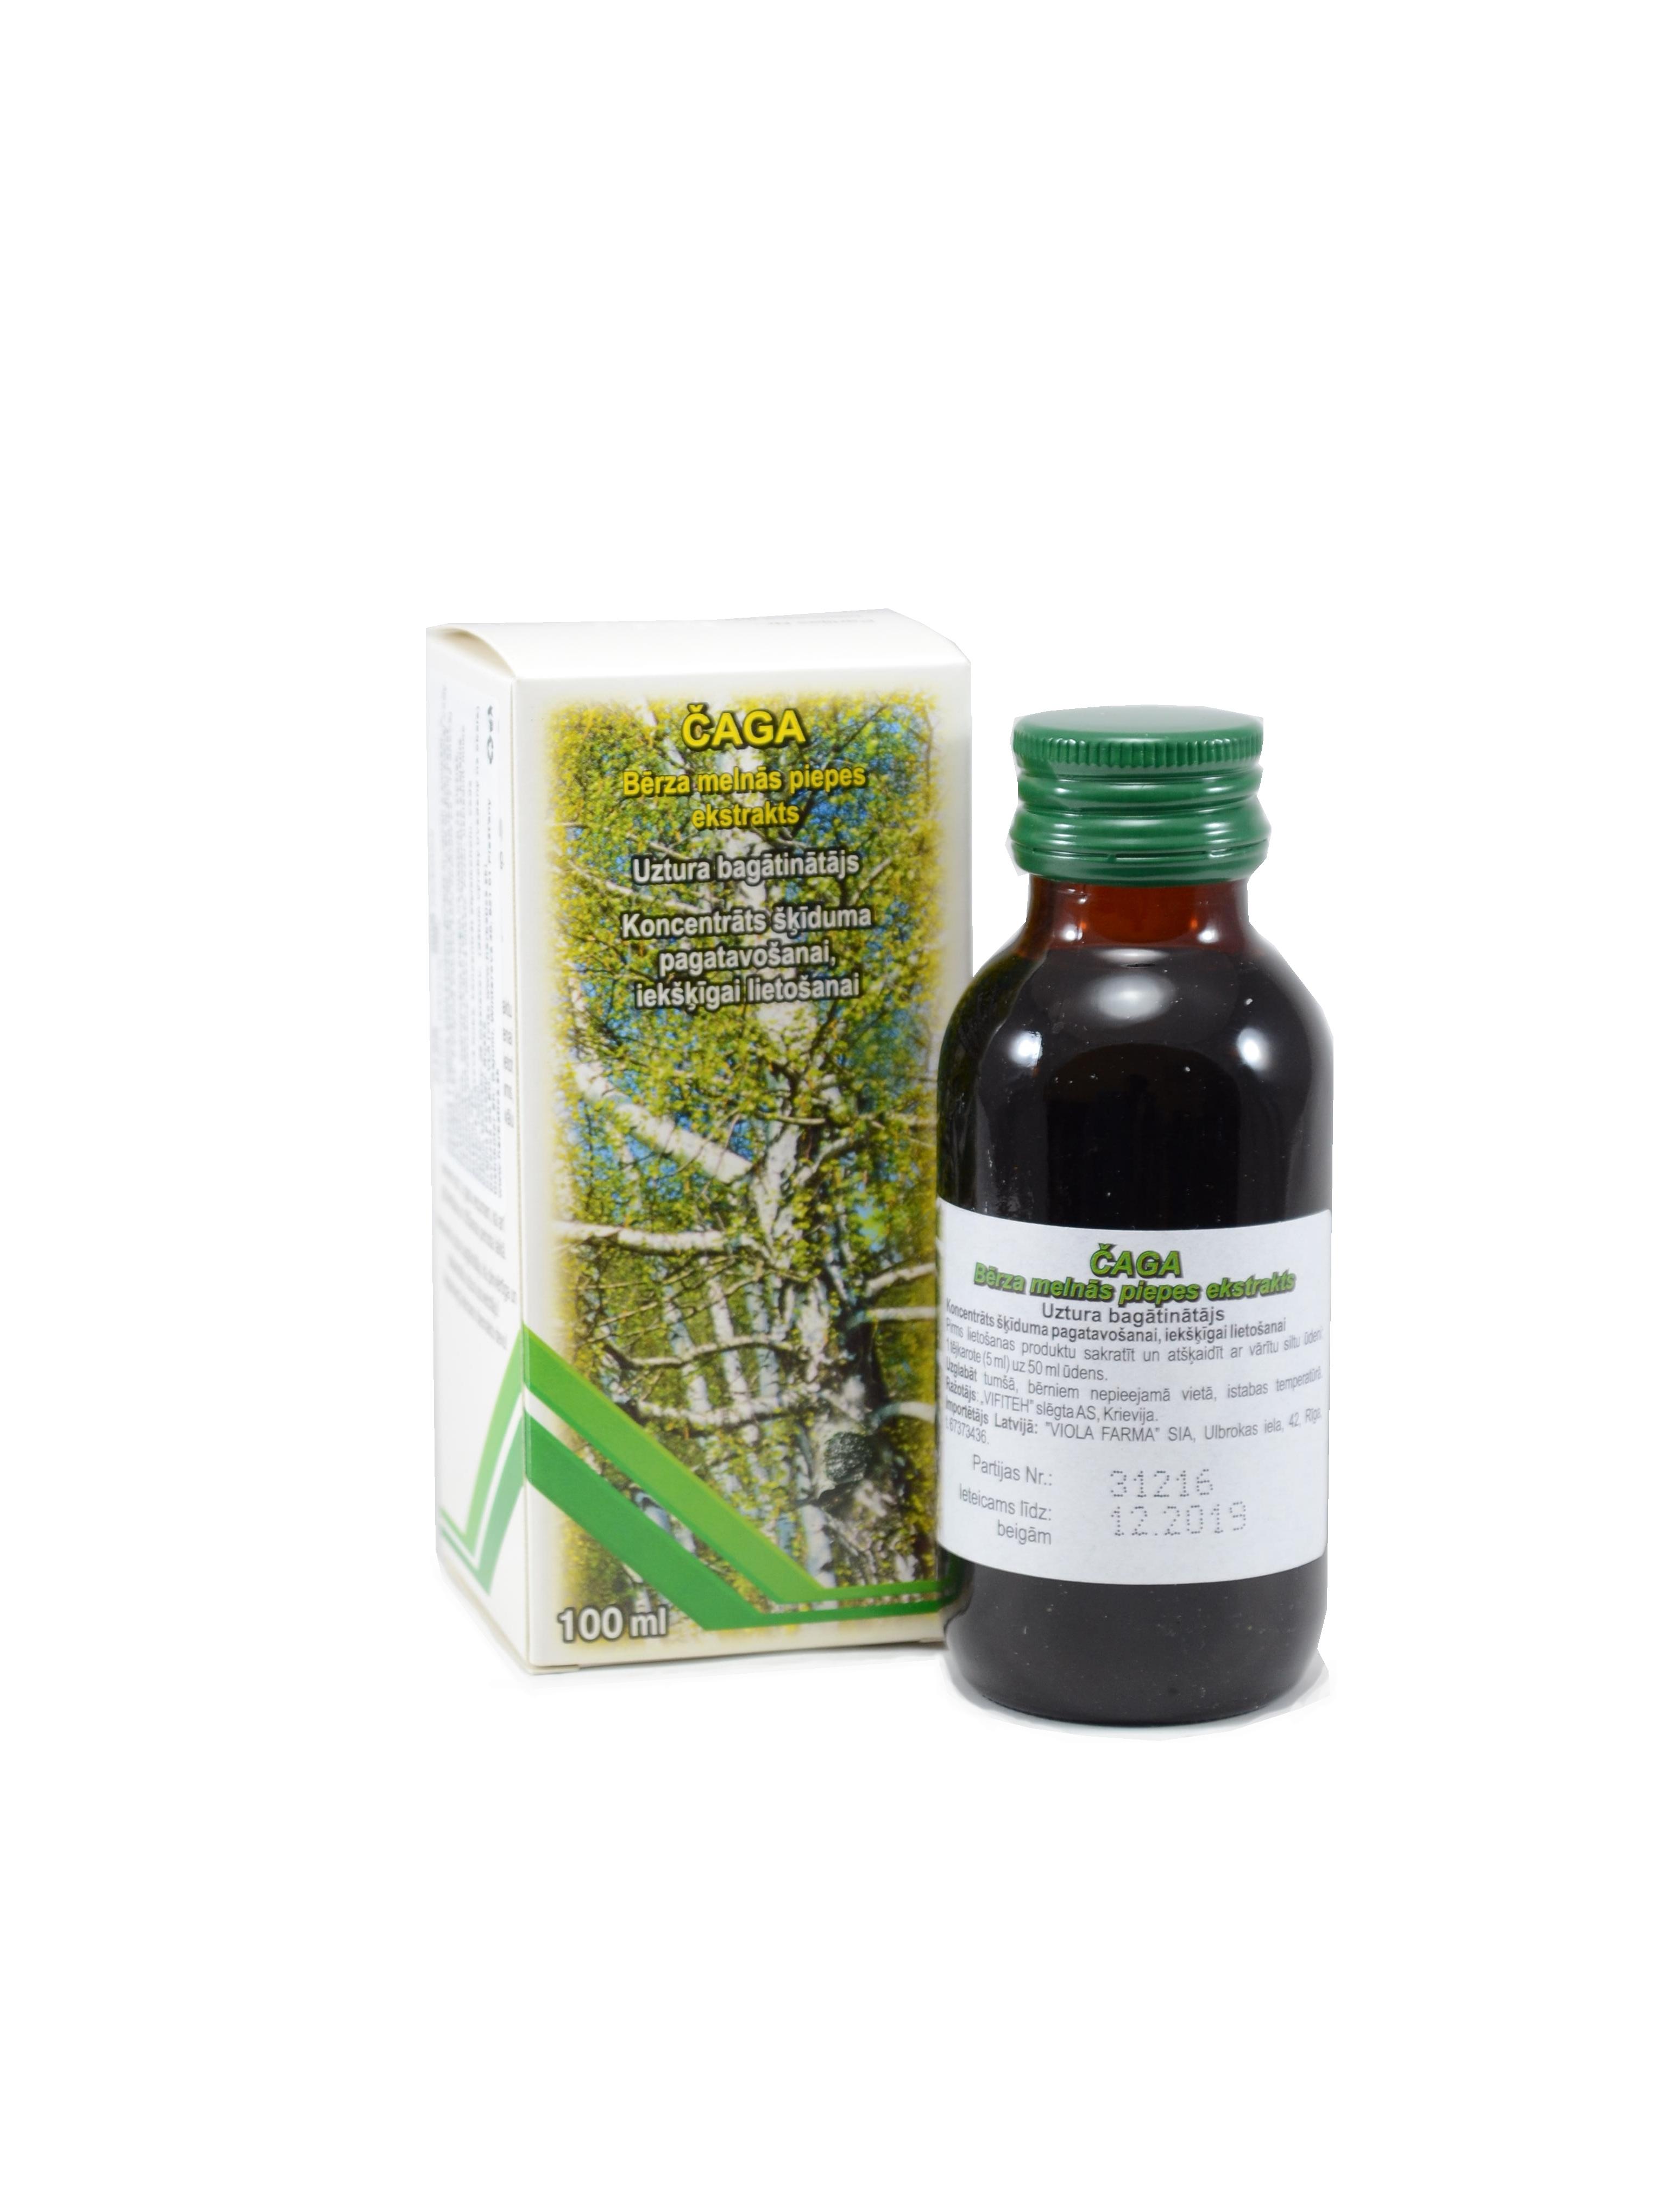 Vifitex Čaga extrakt z brezovej huby- Befungin 100 ml